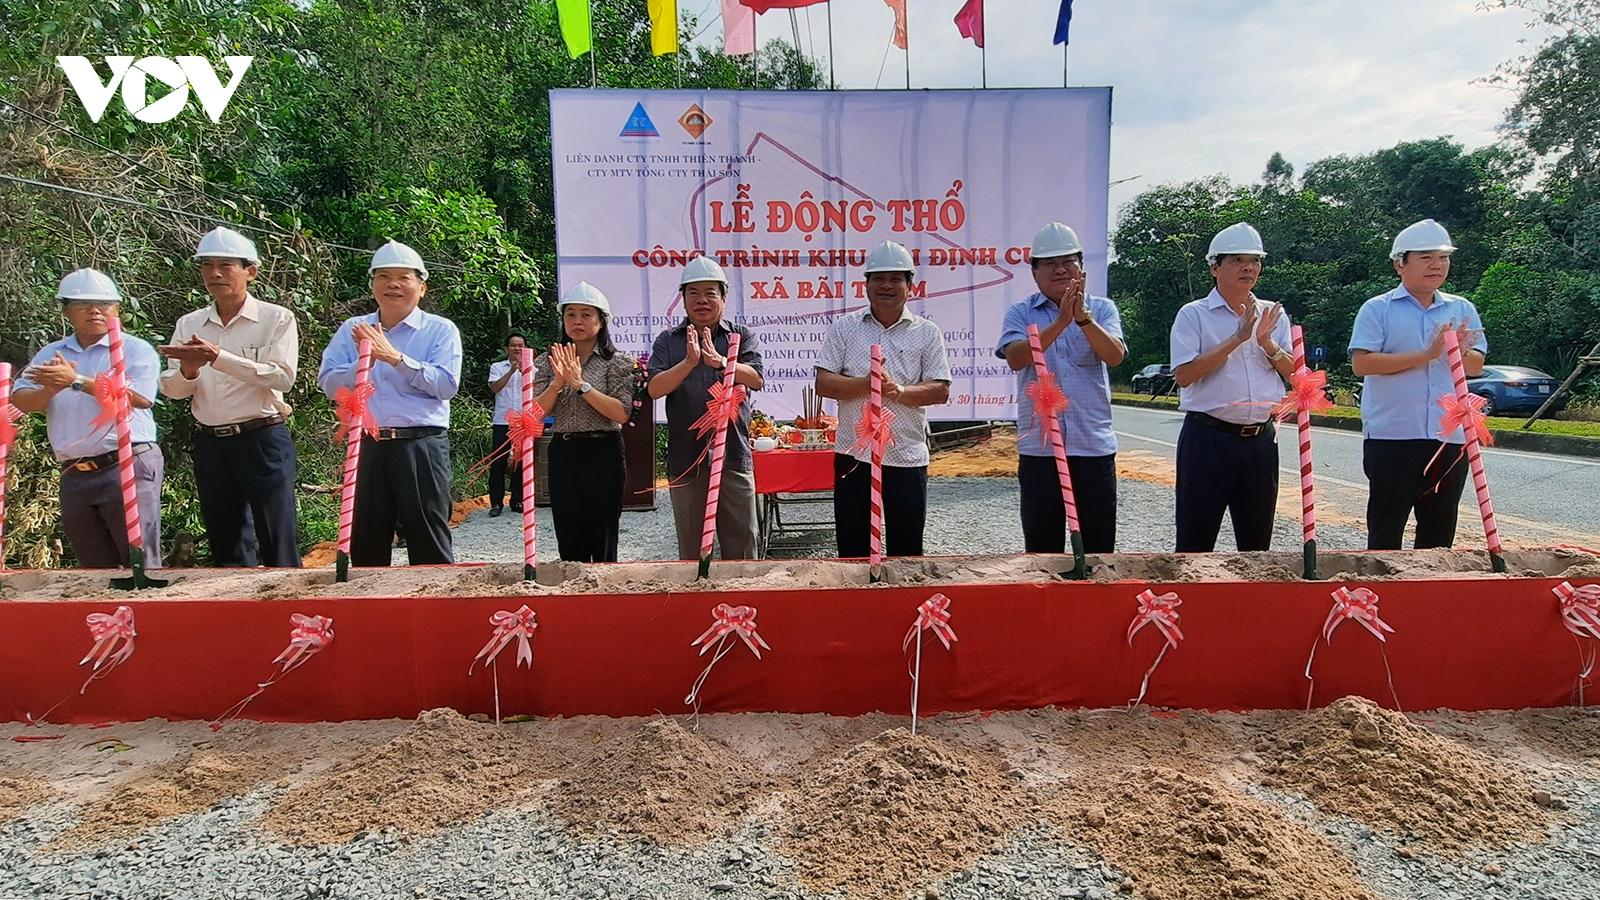 Phú Quốc động thổ công trình khu tái định cư xã Bãi Thơm